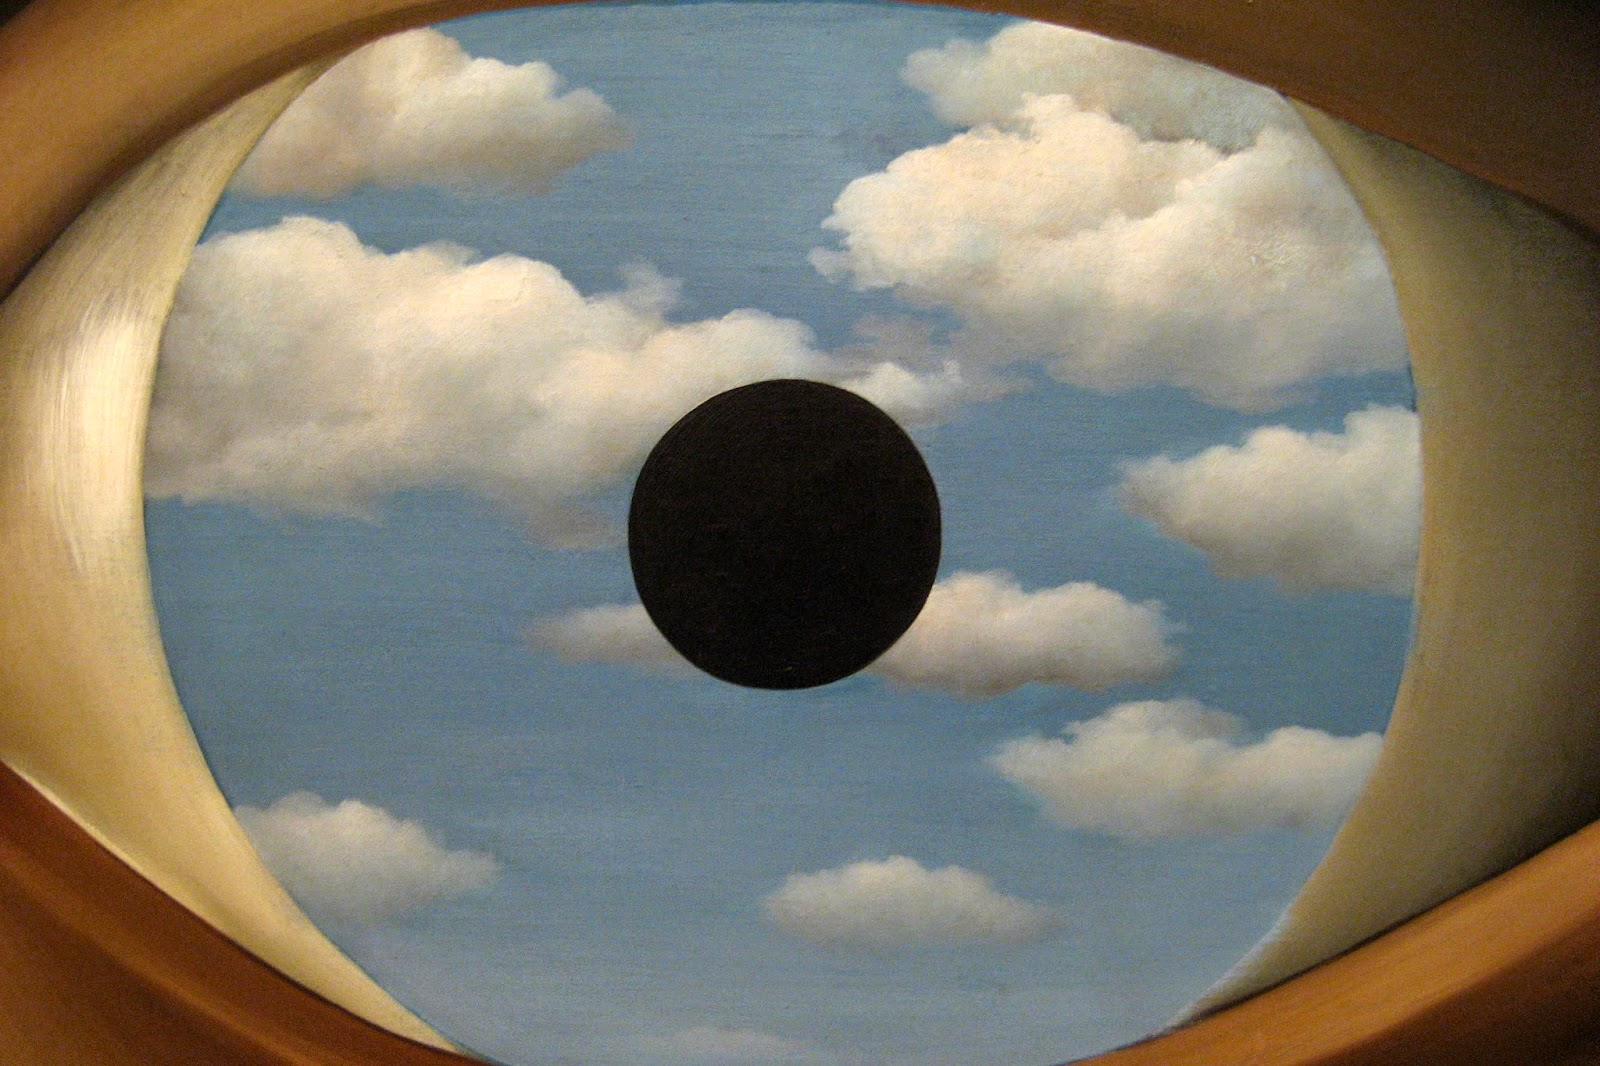 Cout la storia dell 39 uomo attraverso i sogni - Magritte uomo allo specchio ...